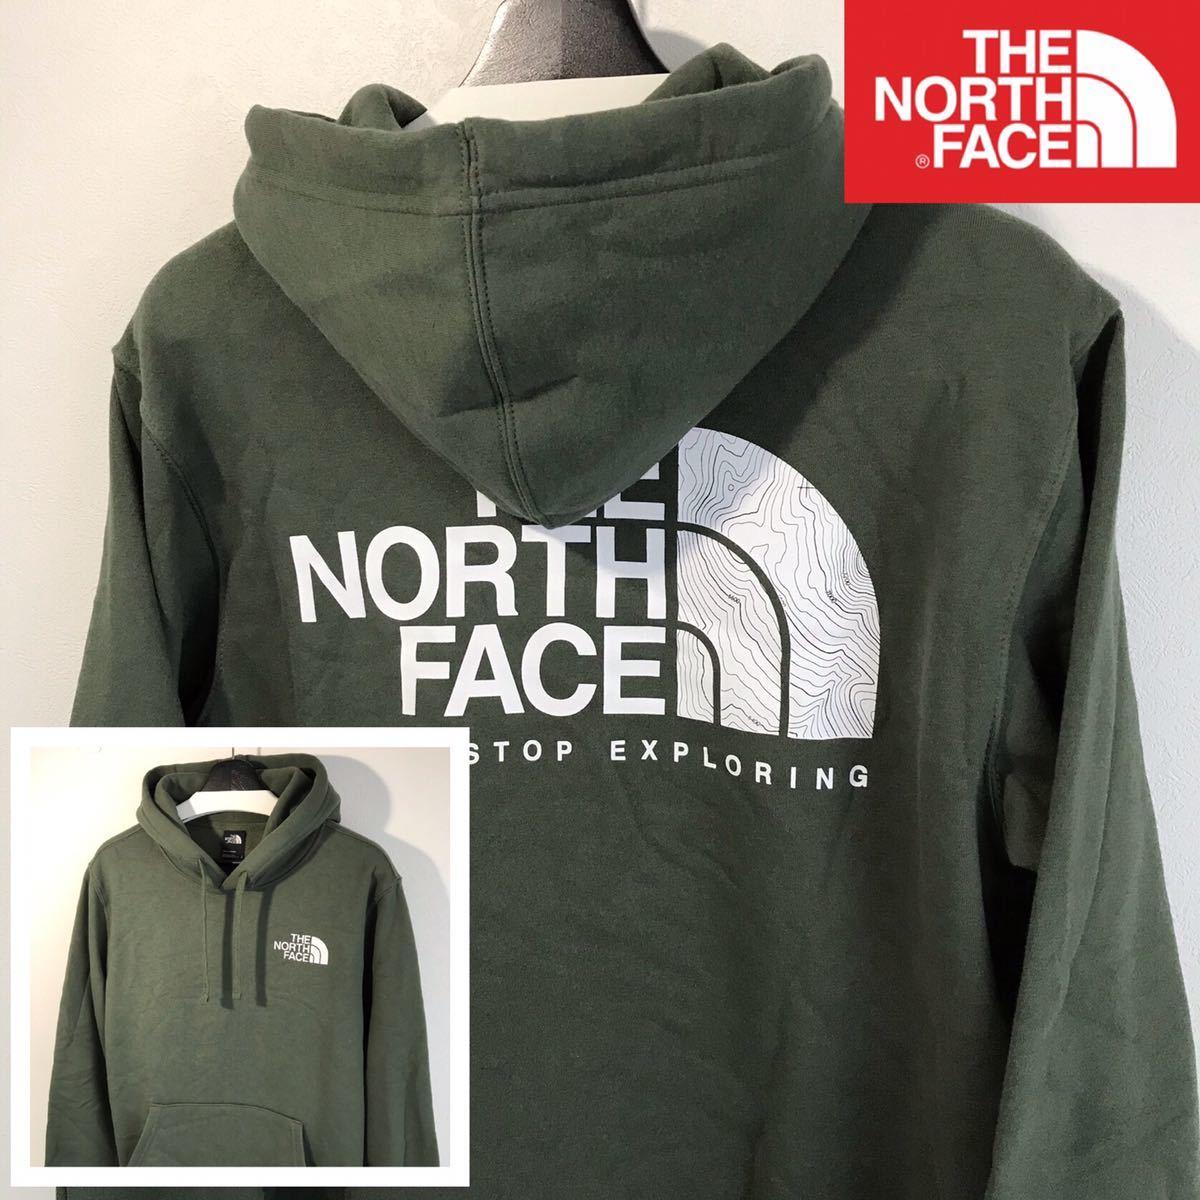 新品未使用 The North Face パーカー(メンズM)TNF オリーブ 【地図柄 等高線デザイン】『バック特大ハーフドームロゴ』フーディー